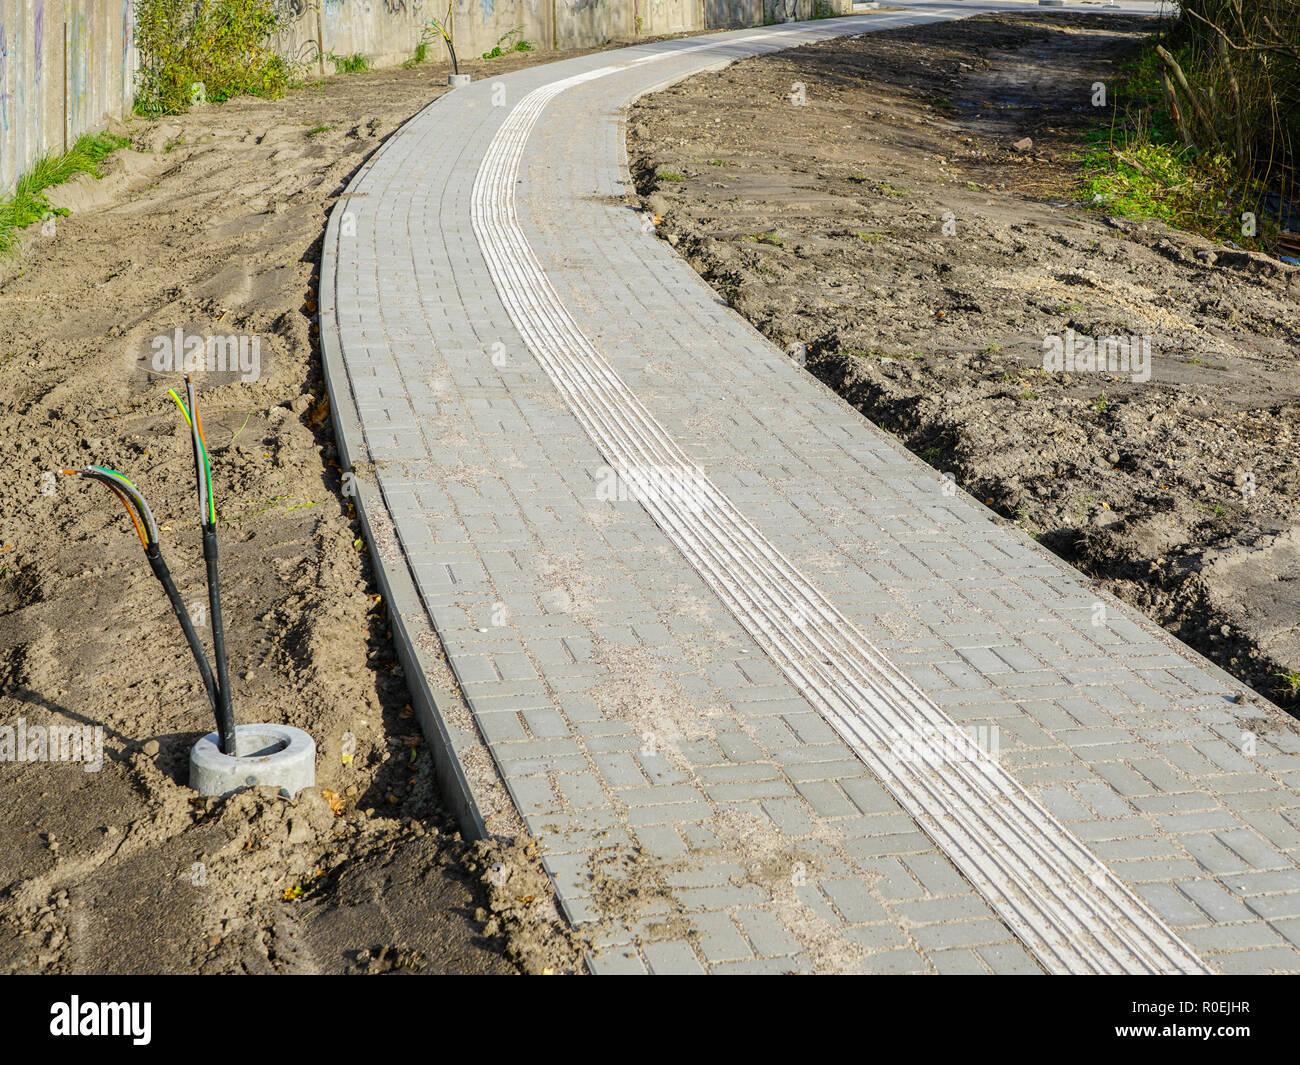 Pavimento pavimento nuevo con directrices integradas para las personas con discapacidad visual Imagen De Stock